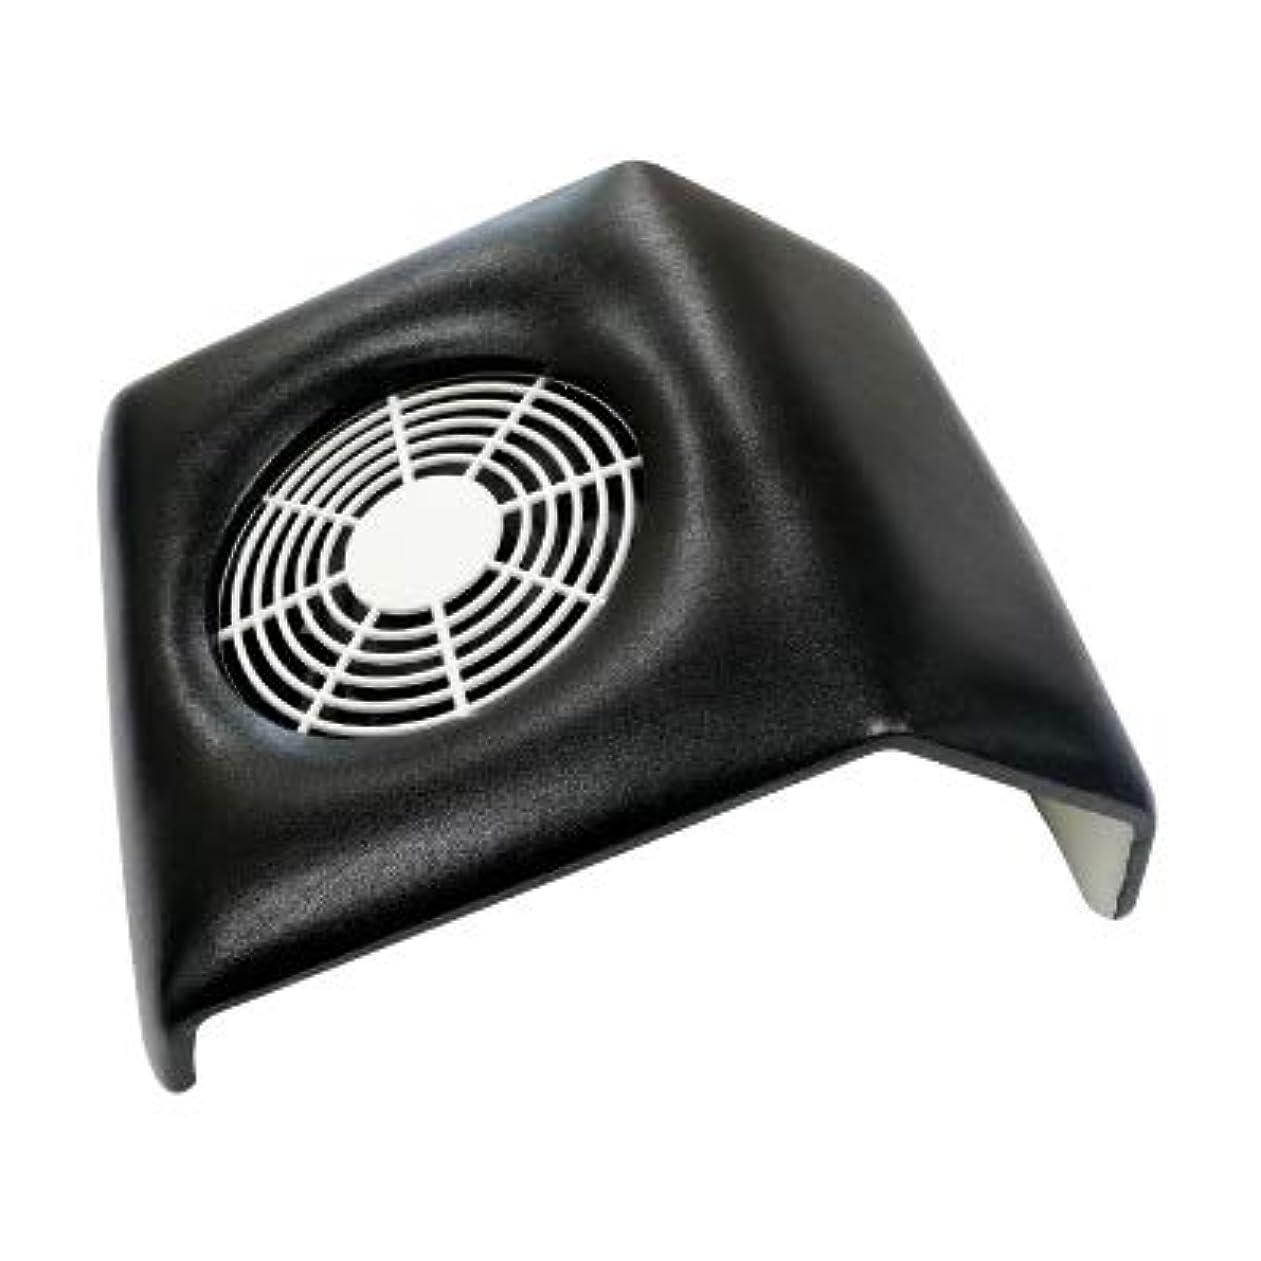 降下社員状態集塵機 コンパクトタイプ ネイルダストクリーナー Compact Nail Dust Cleaner バッグ付き ネイルオフ ダストコレクター (ブラック)